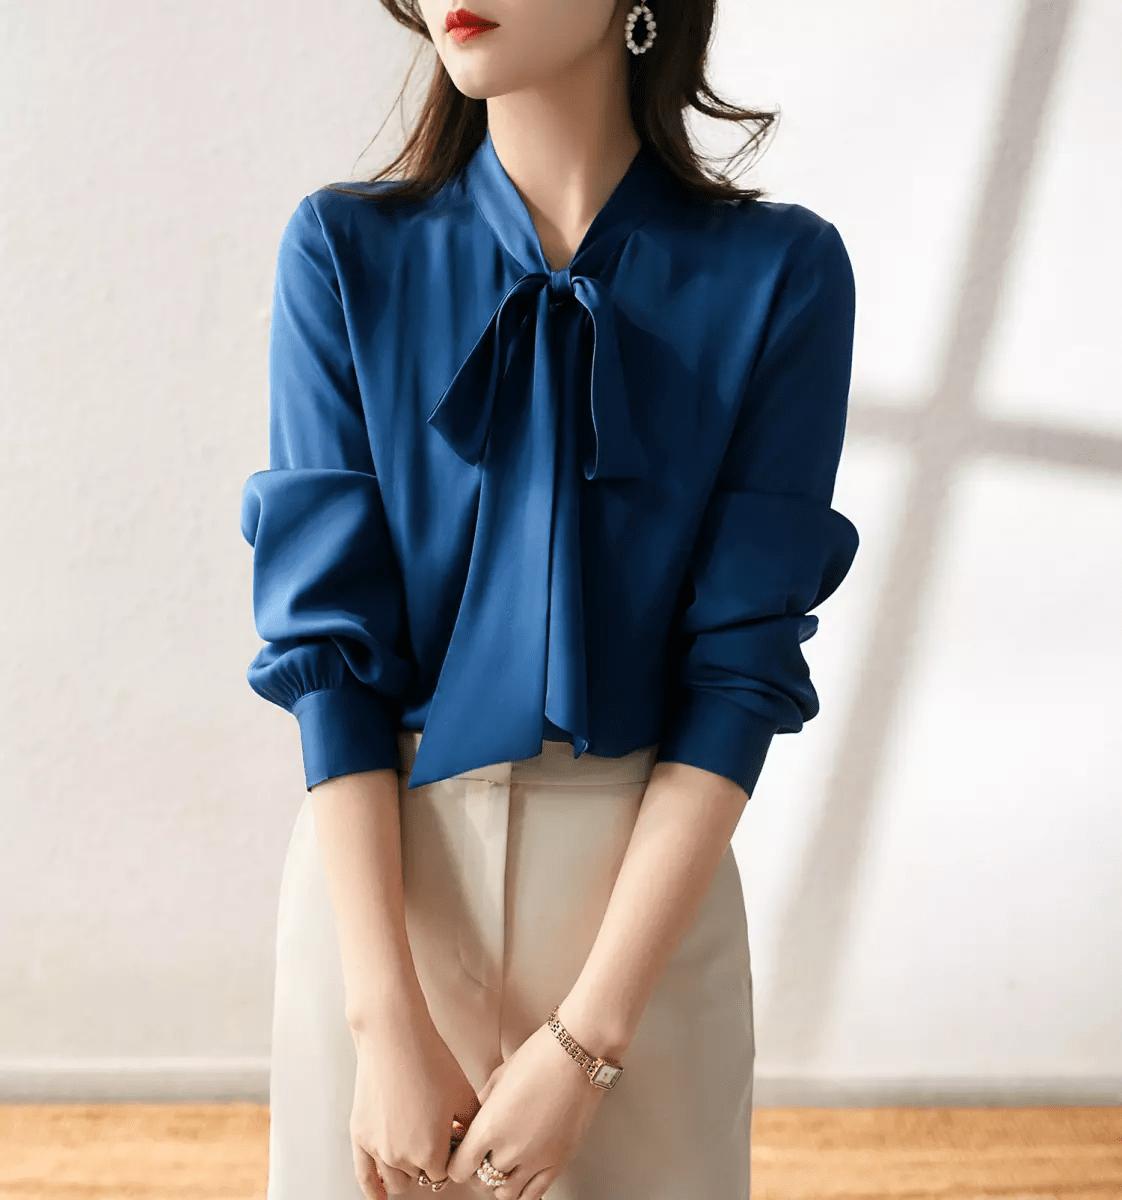 áo sơ mi nữ màu xanh dương